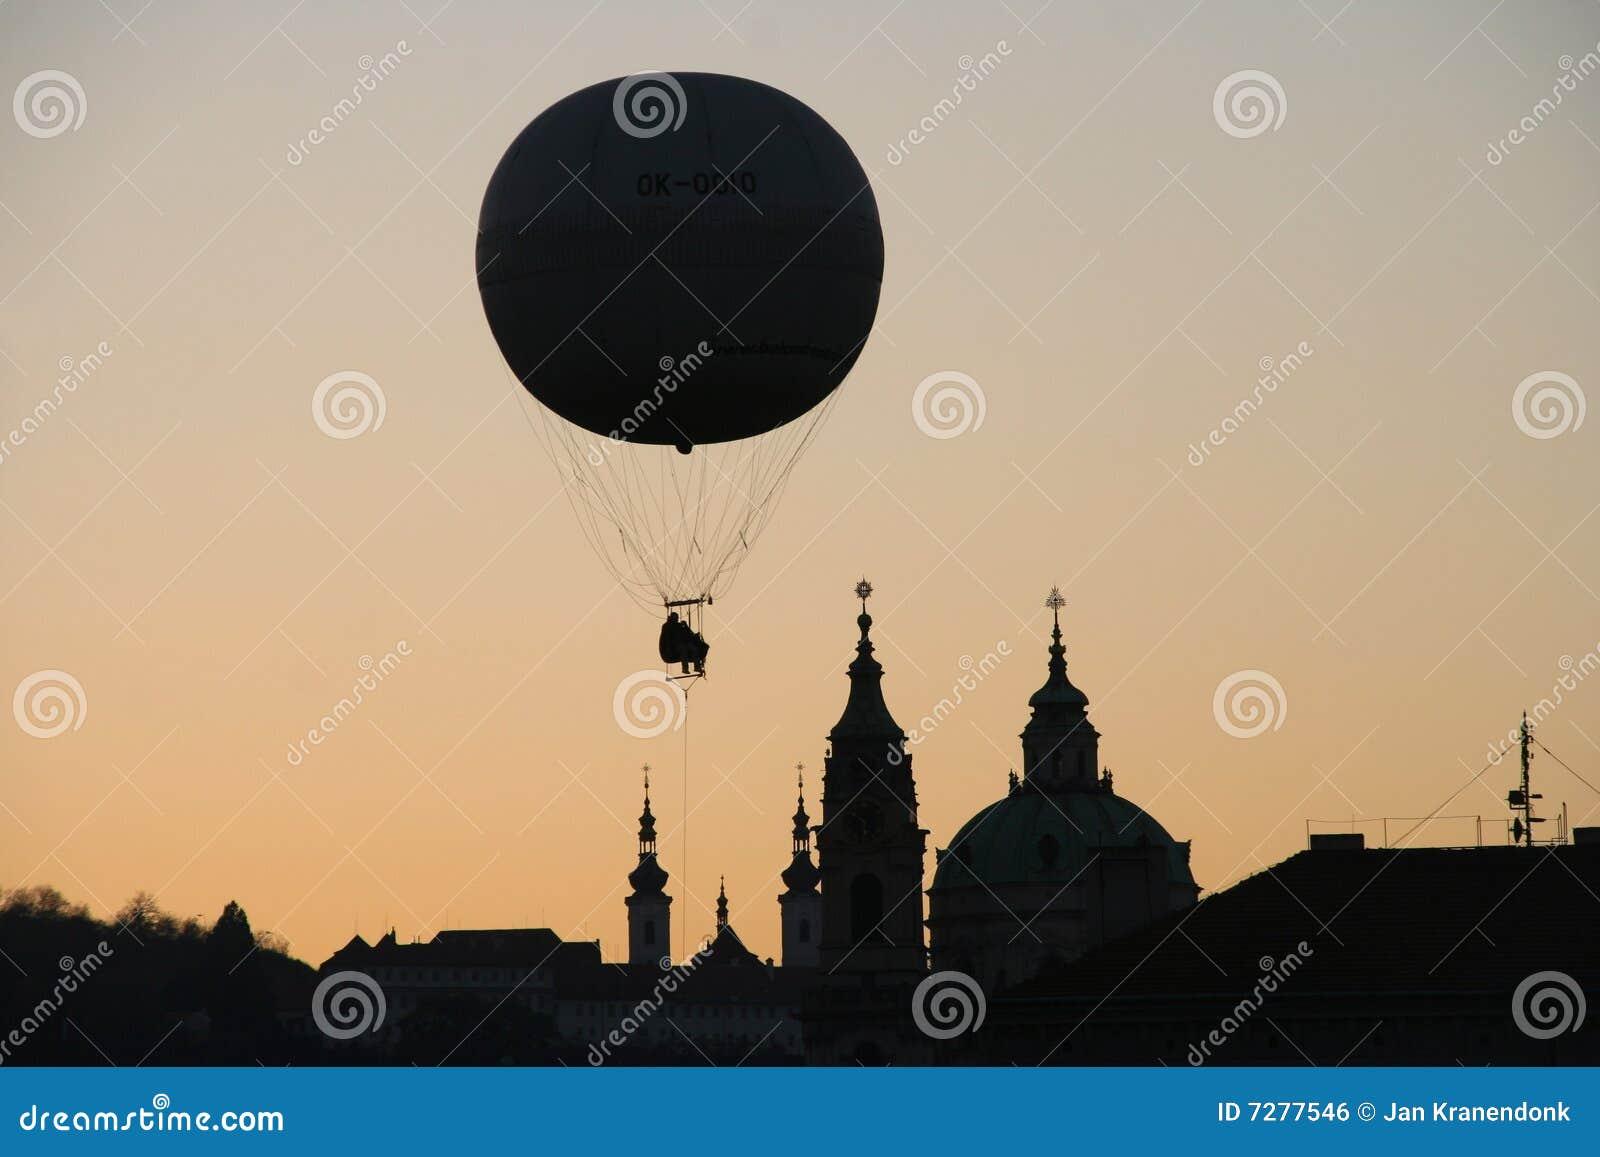 Globo sobre Praga